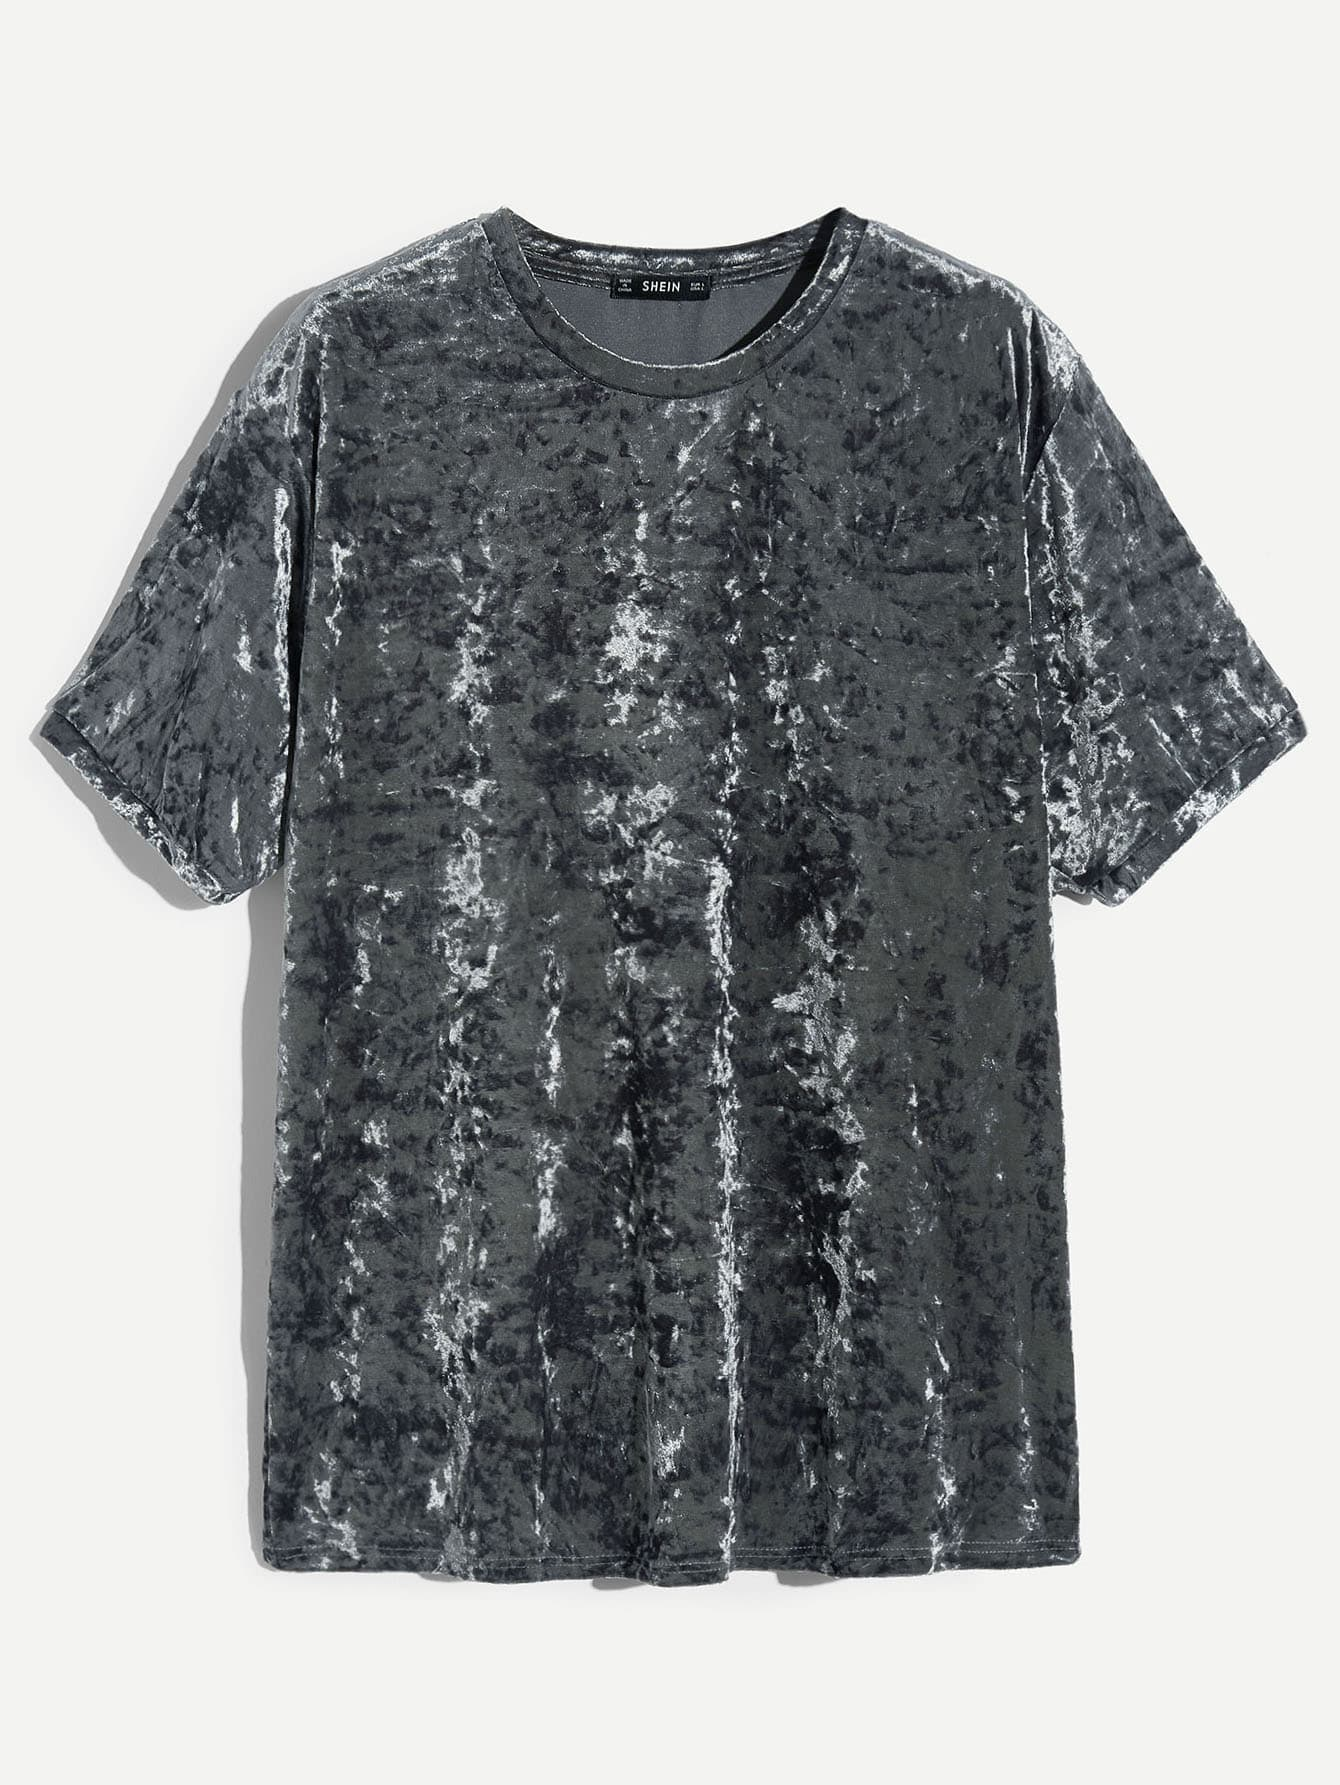 Мужская бархатная футболка с коротким рукавом, null, SheIn  - купить со скидкой